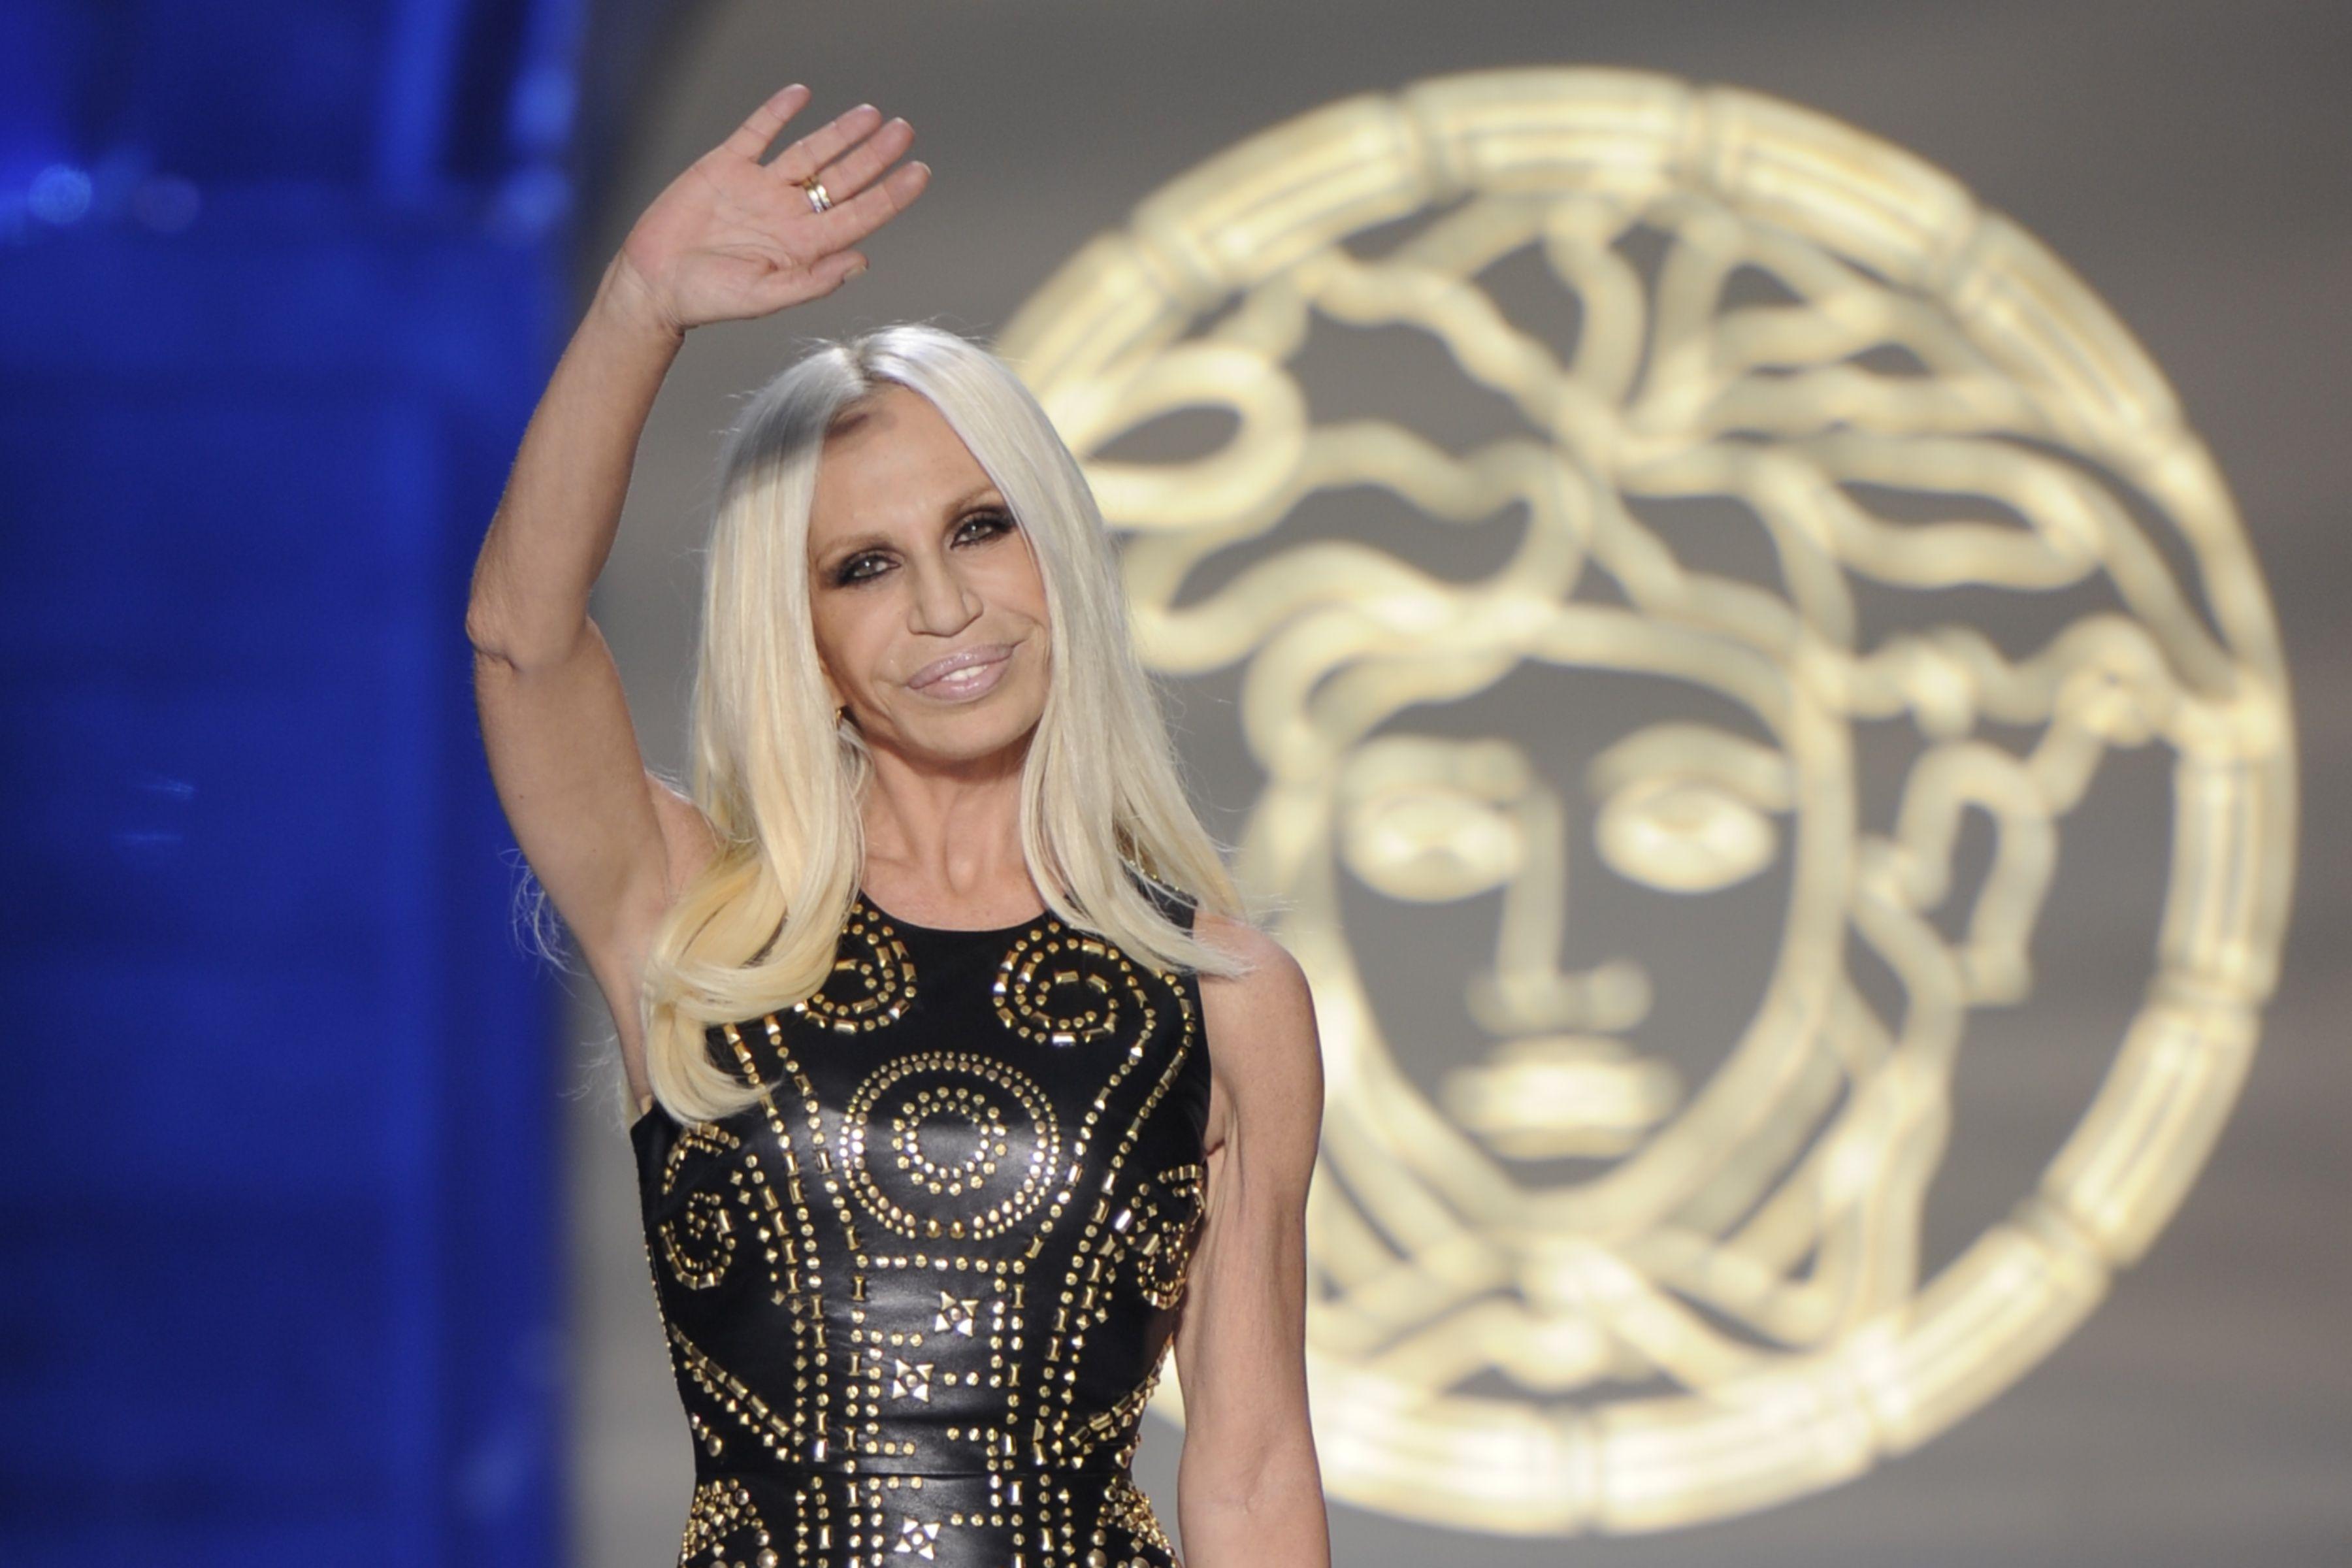 """""""Nữ vương thương hiệu Versace"""" Donatella Versace: """"Búp bê sống"""" của anh trai thời thơ ấu, nghiện ngập rồi tới nhan sắc biến dạng do nghiện thẩm mỹ  - Ảnh 9."""